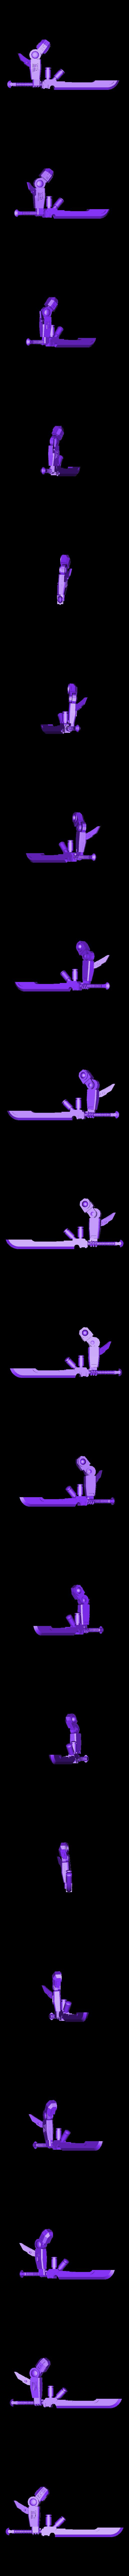 LongSeer_R_Arm___Morning_Sword_.stl Télécharger fichier STL gratuit L'épée du matin du Long Seer • Plan imprimable en 3D, buckhedges